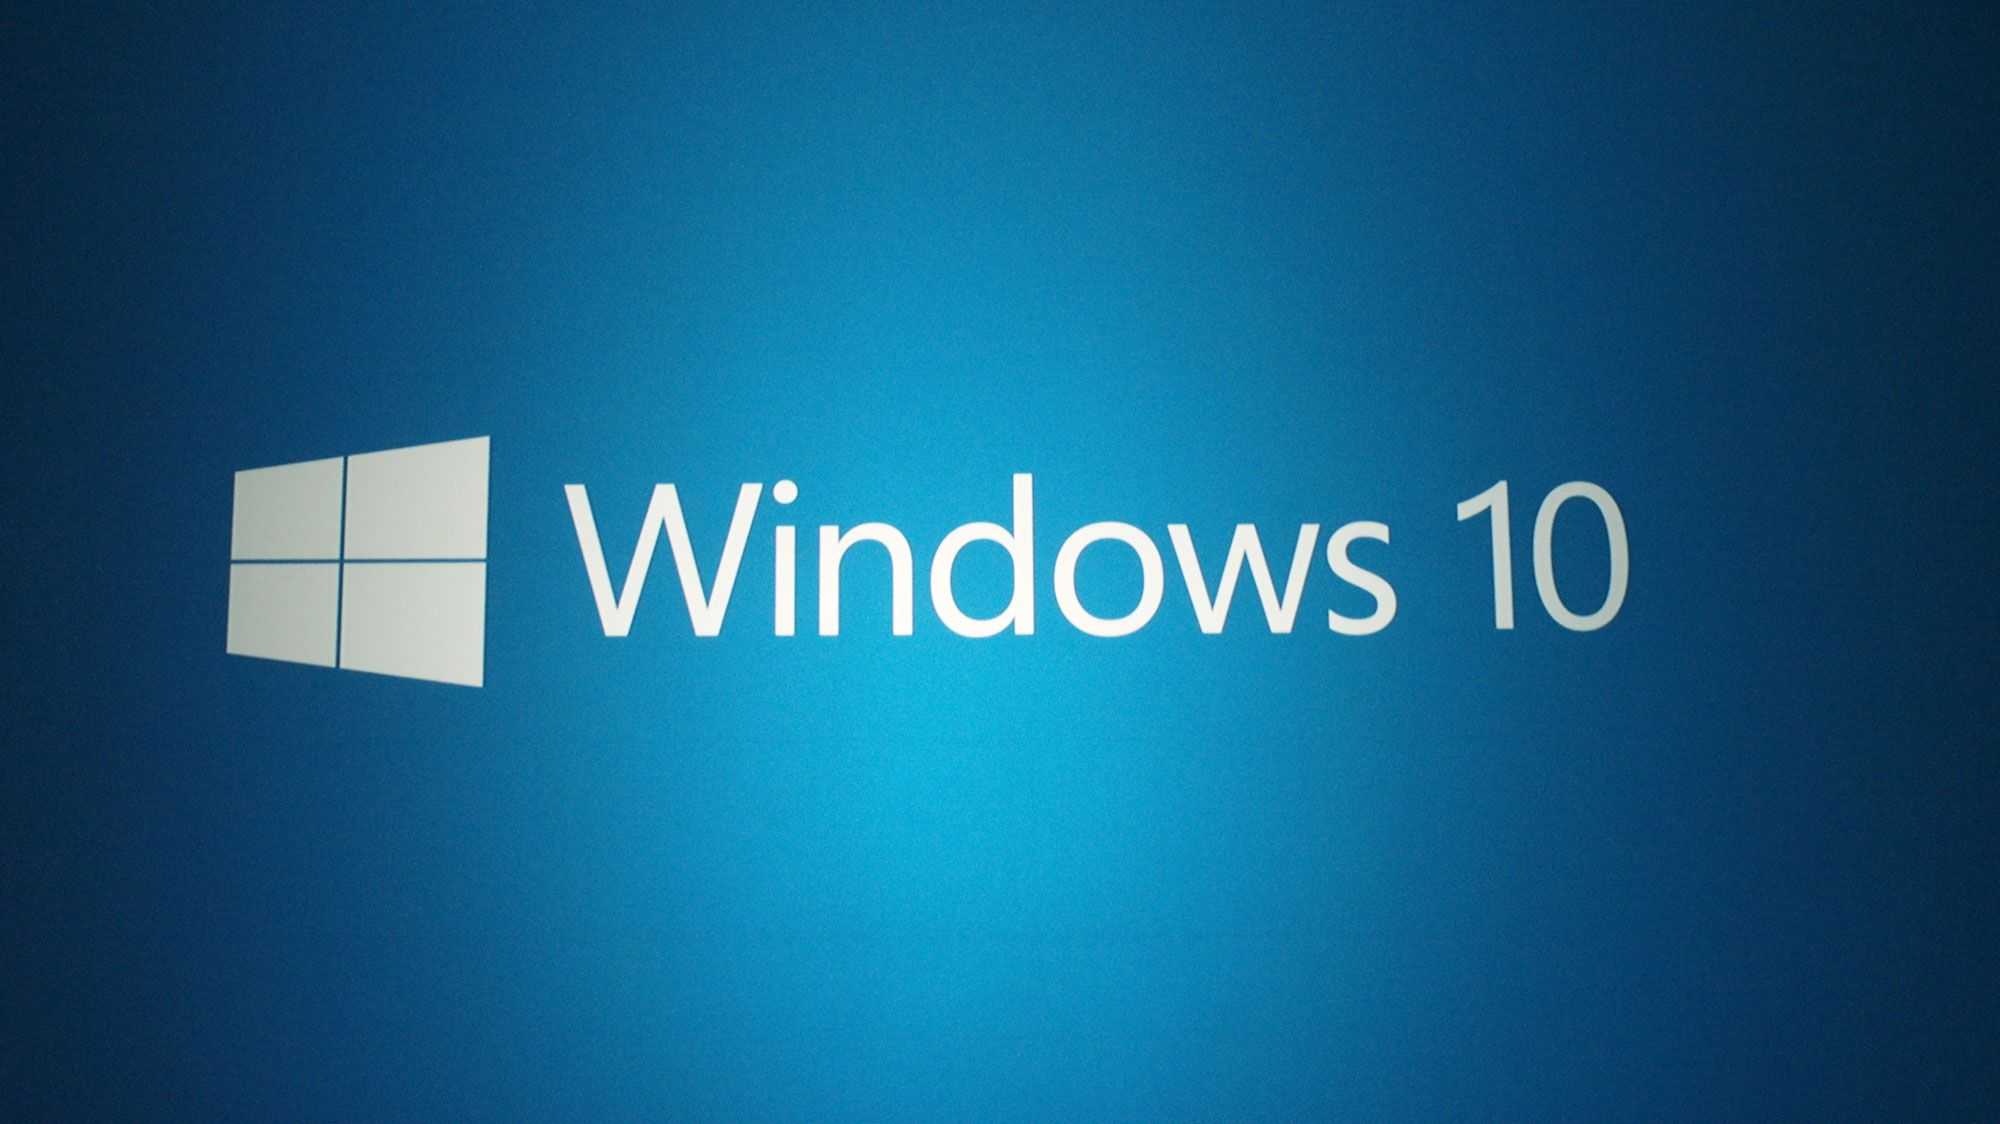 Win10MSDN1607x64繁中企業版&CDBurnerXP4.5.7.6452優質良好的燒錄軟件